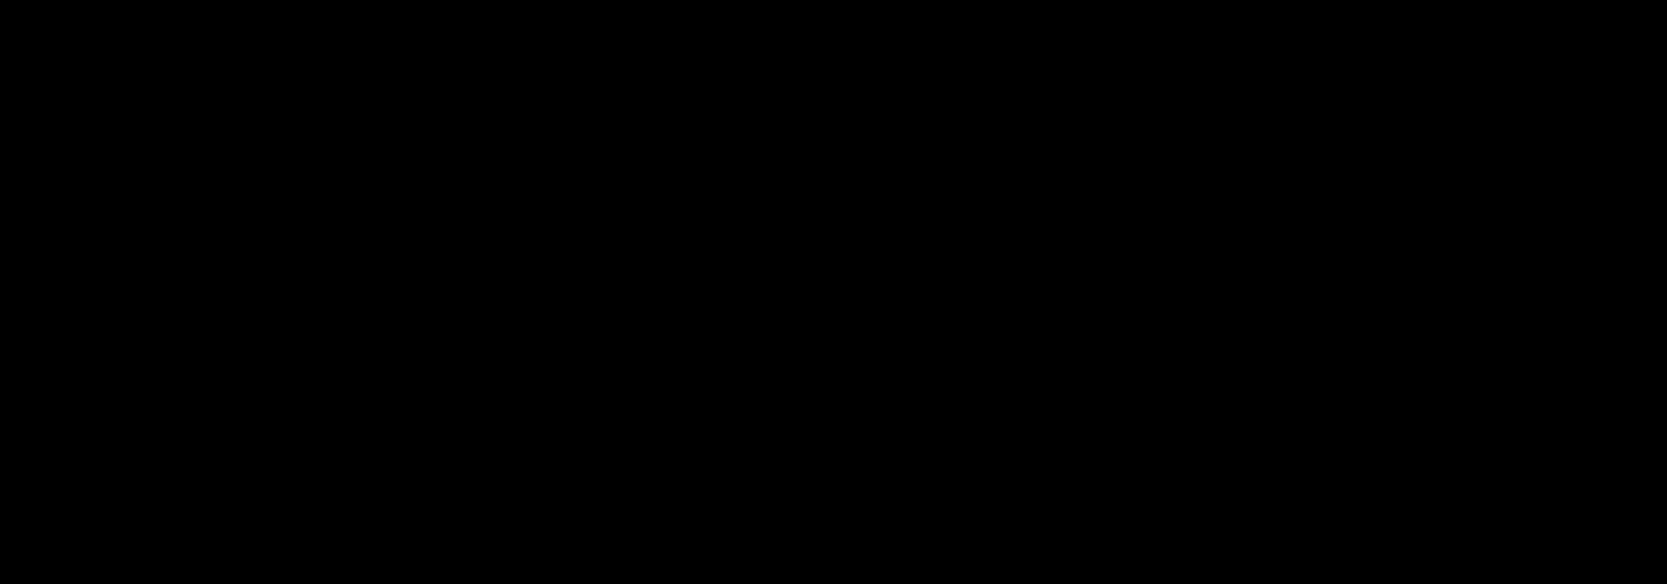 Electrolux_Black-01